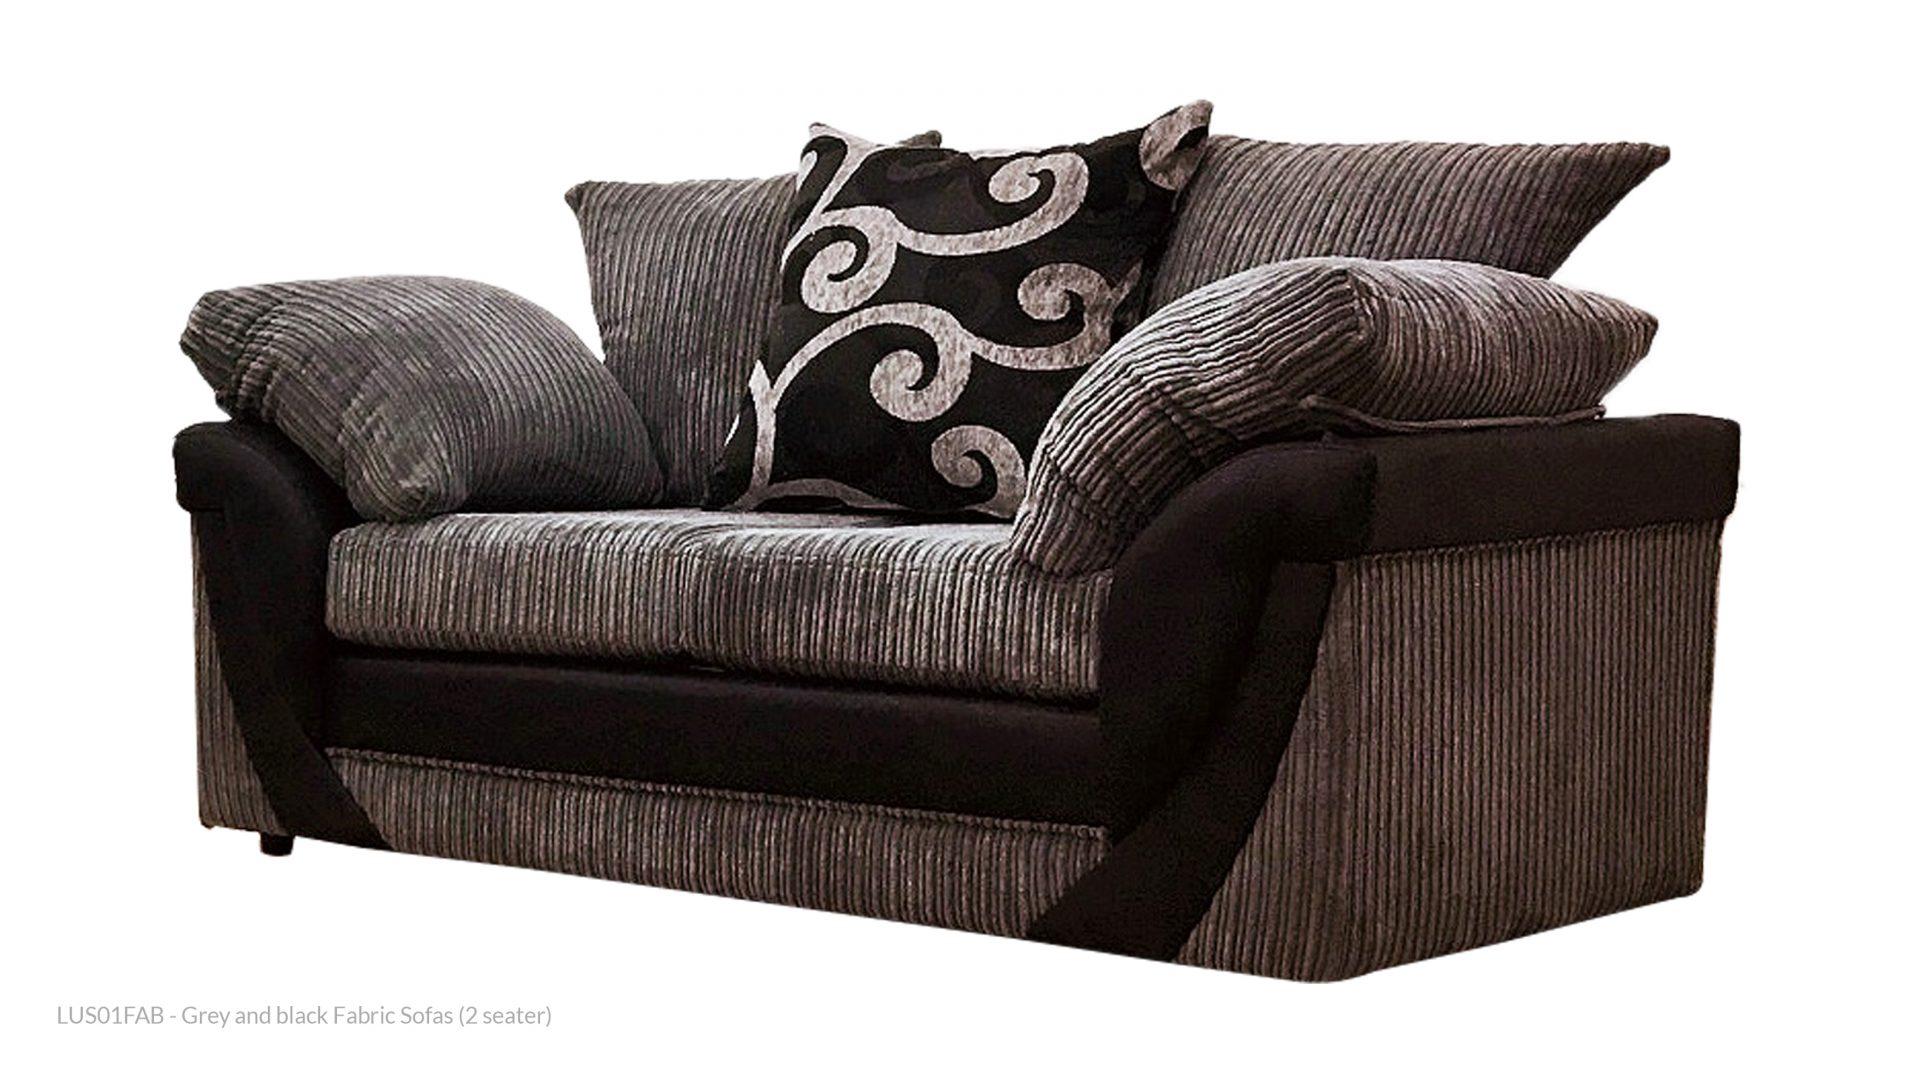 Superbe Fabric Sofas Rental Goods